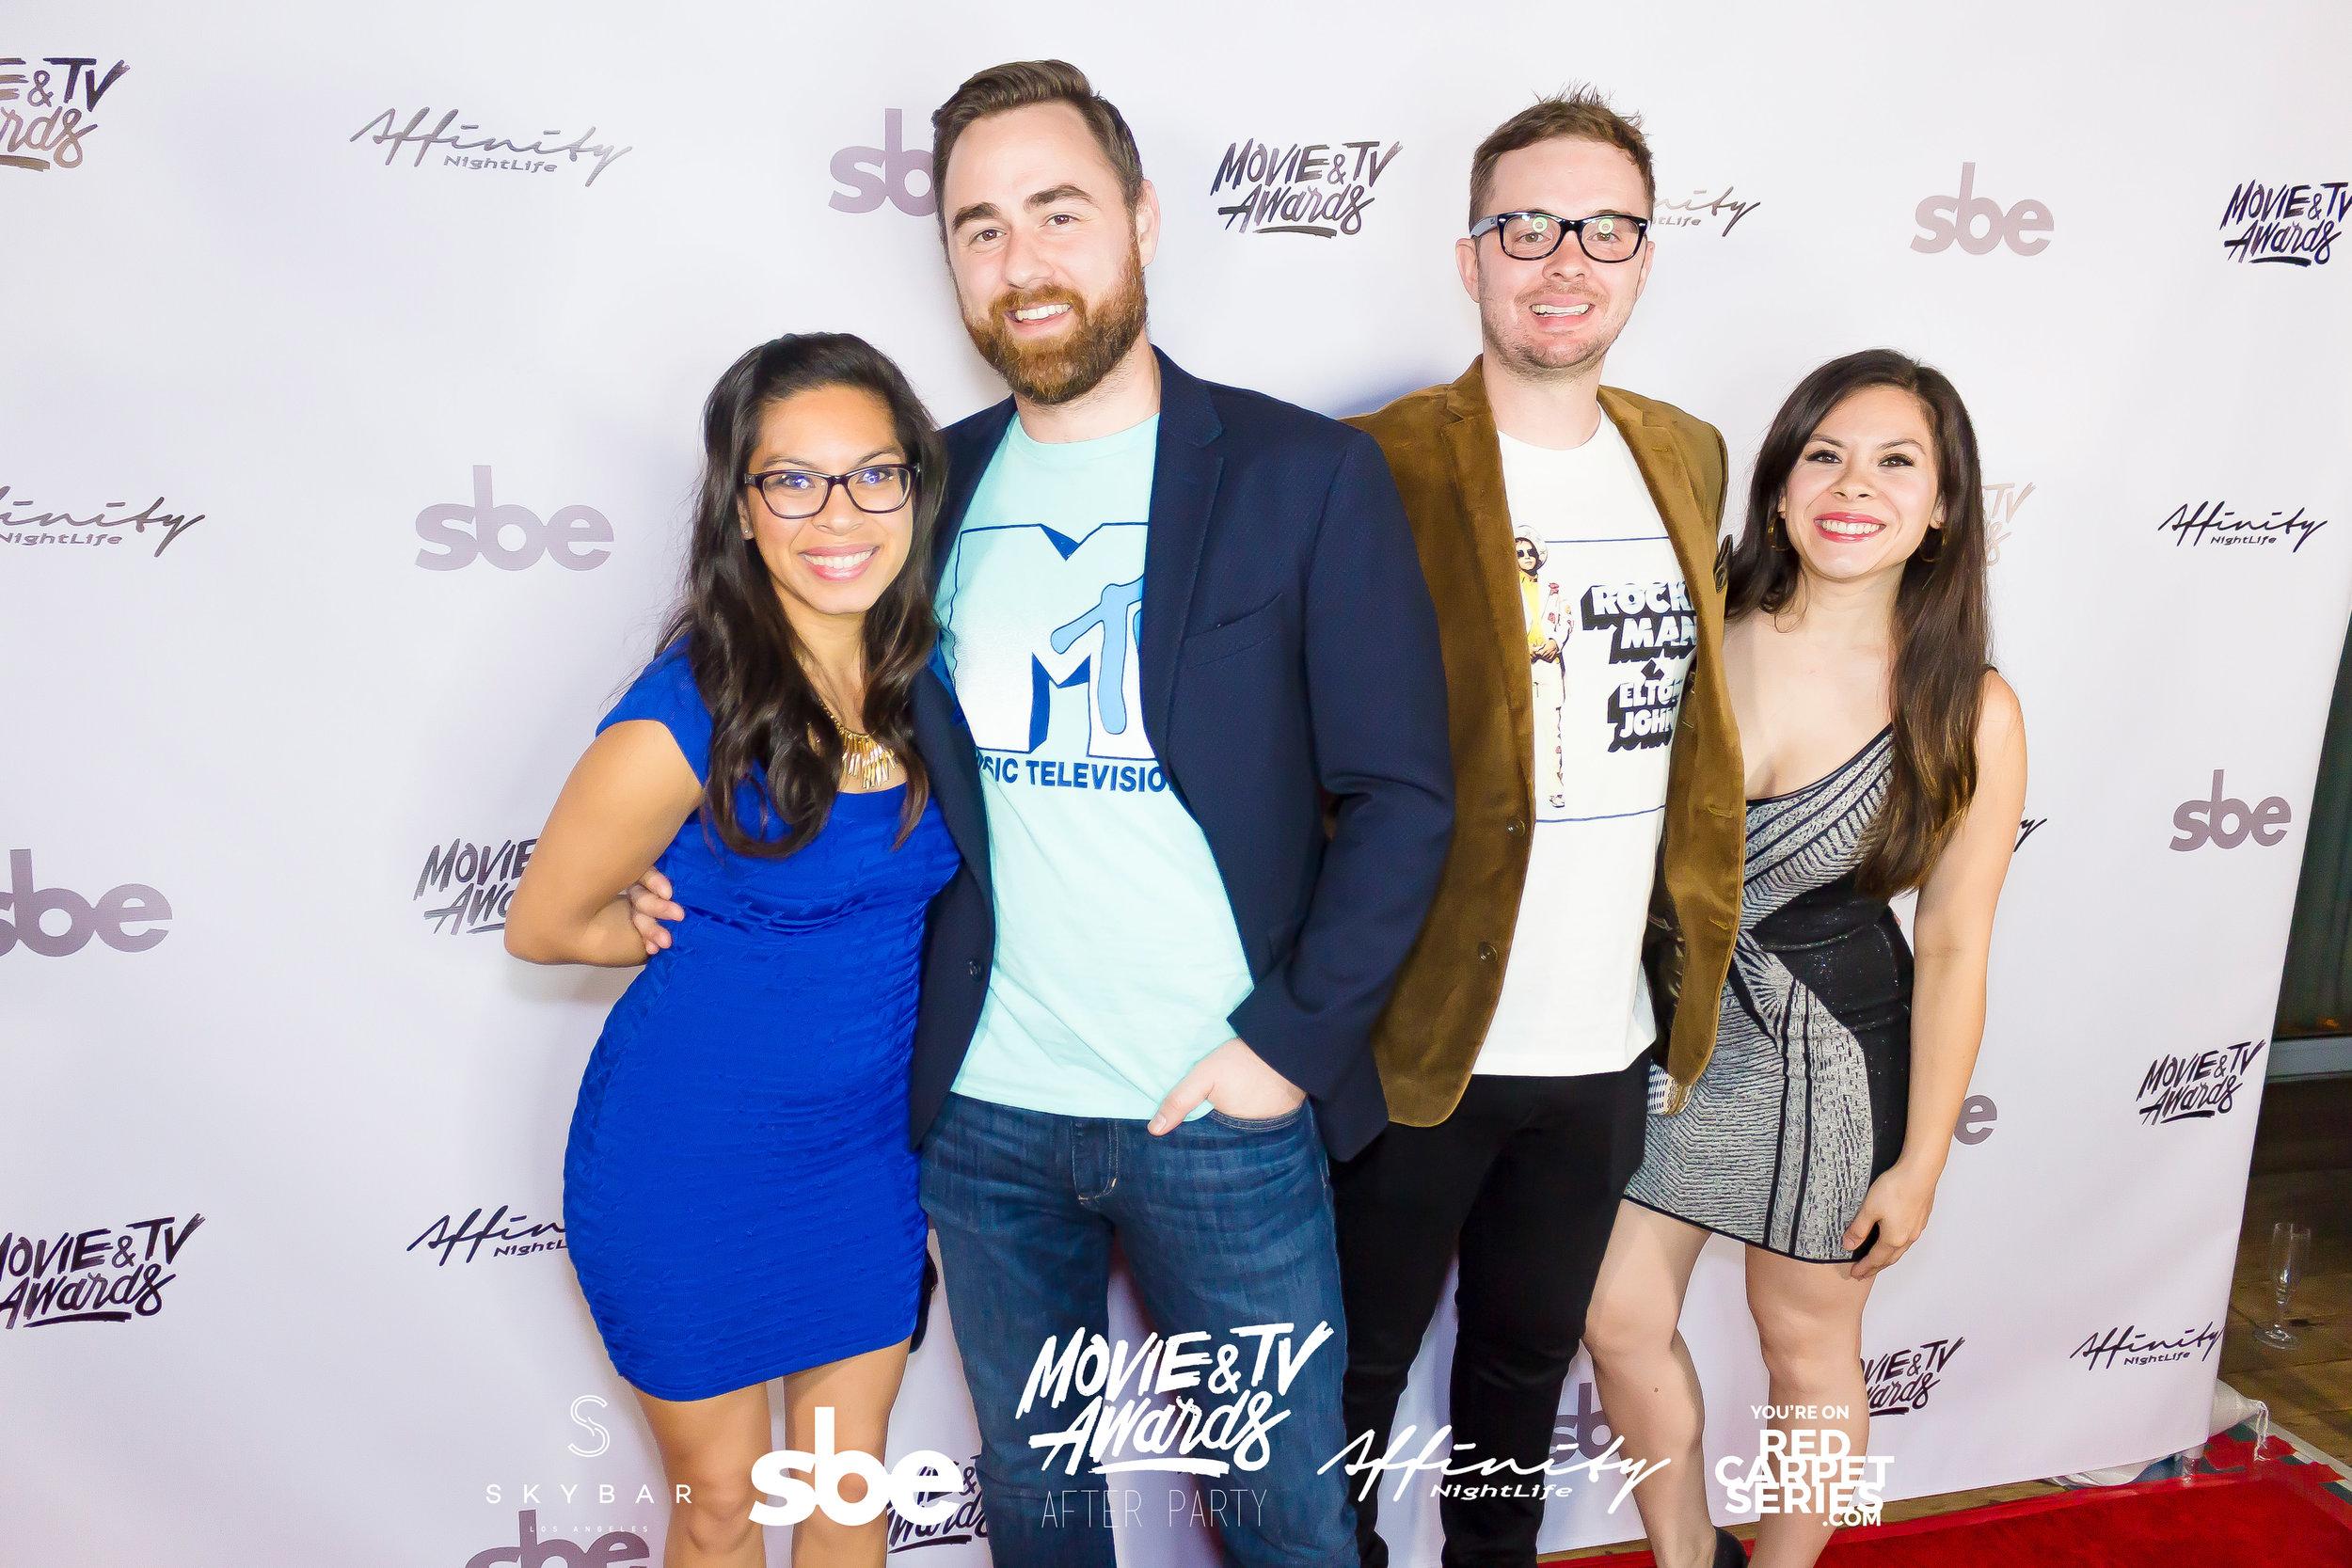 Affinity Nightlife MTV Movie & TV Awards After Party - Skybar at Mondrian - 06-15-19 - Vol. 2_110.jpg